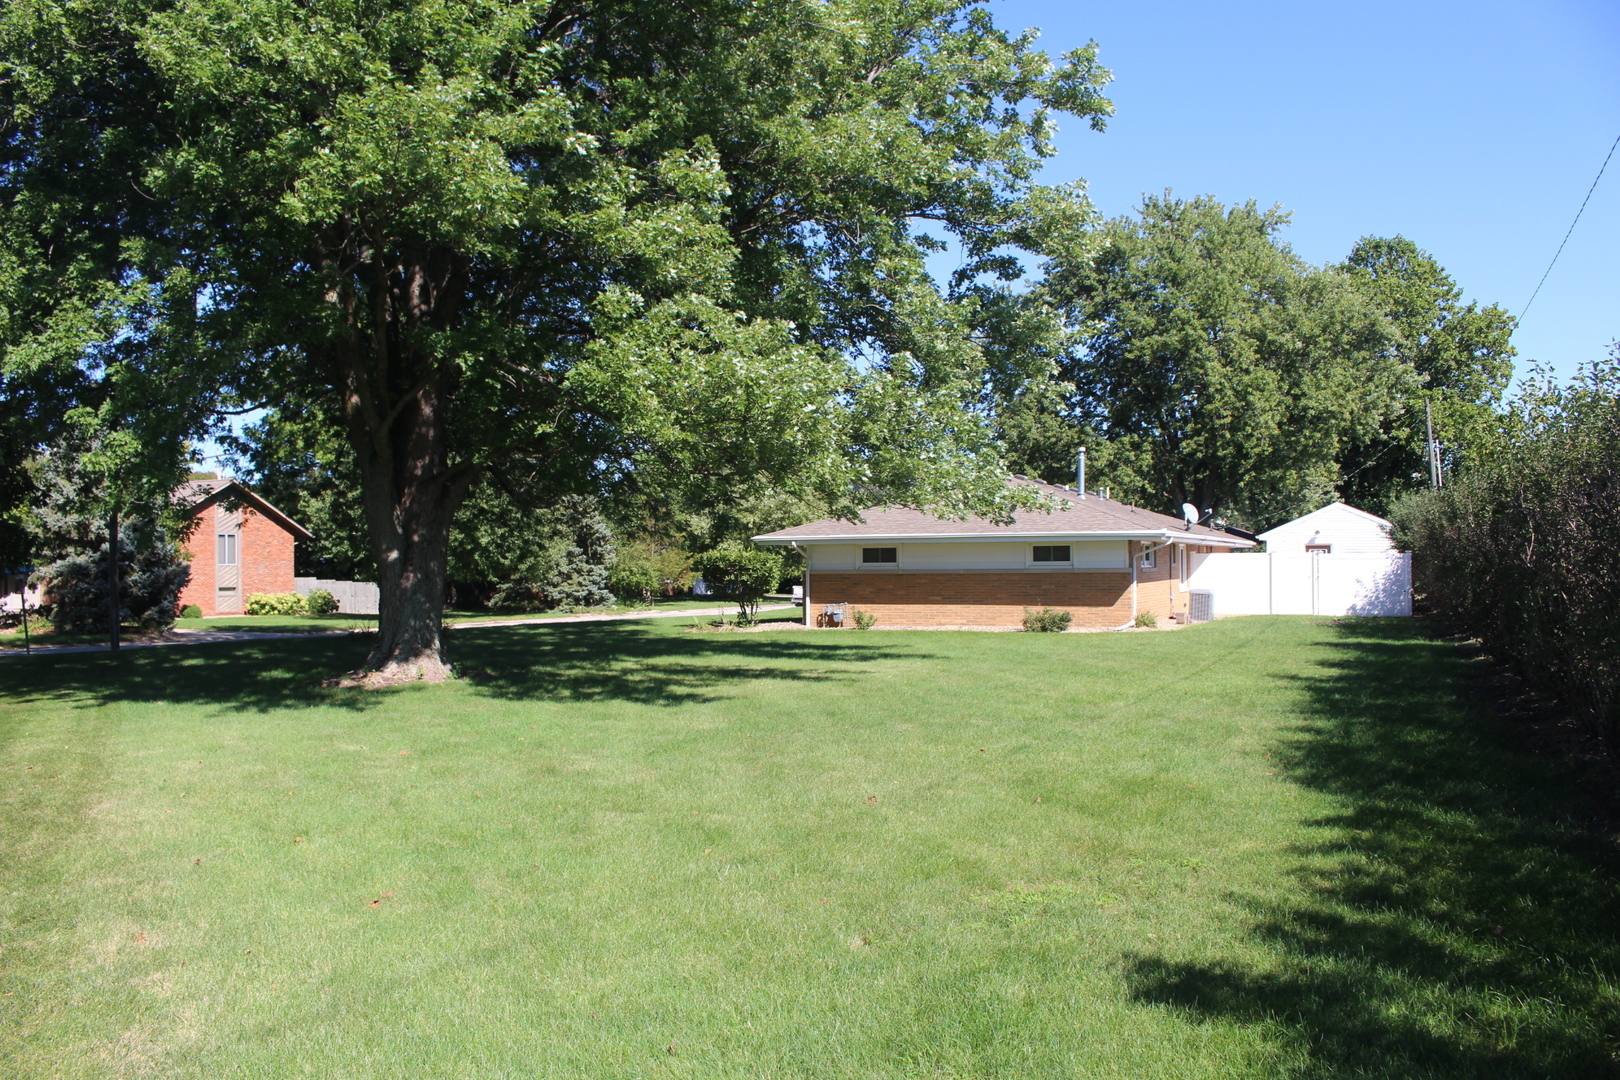 2 West Concord, Lexington, Illinois, 61753